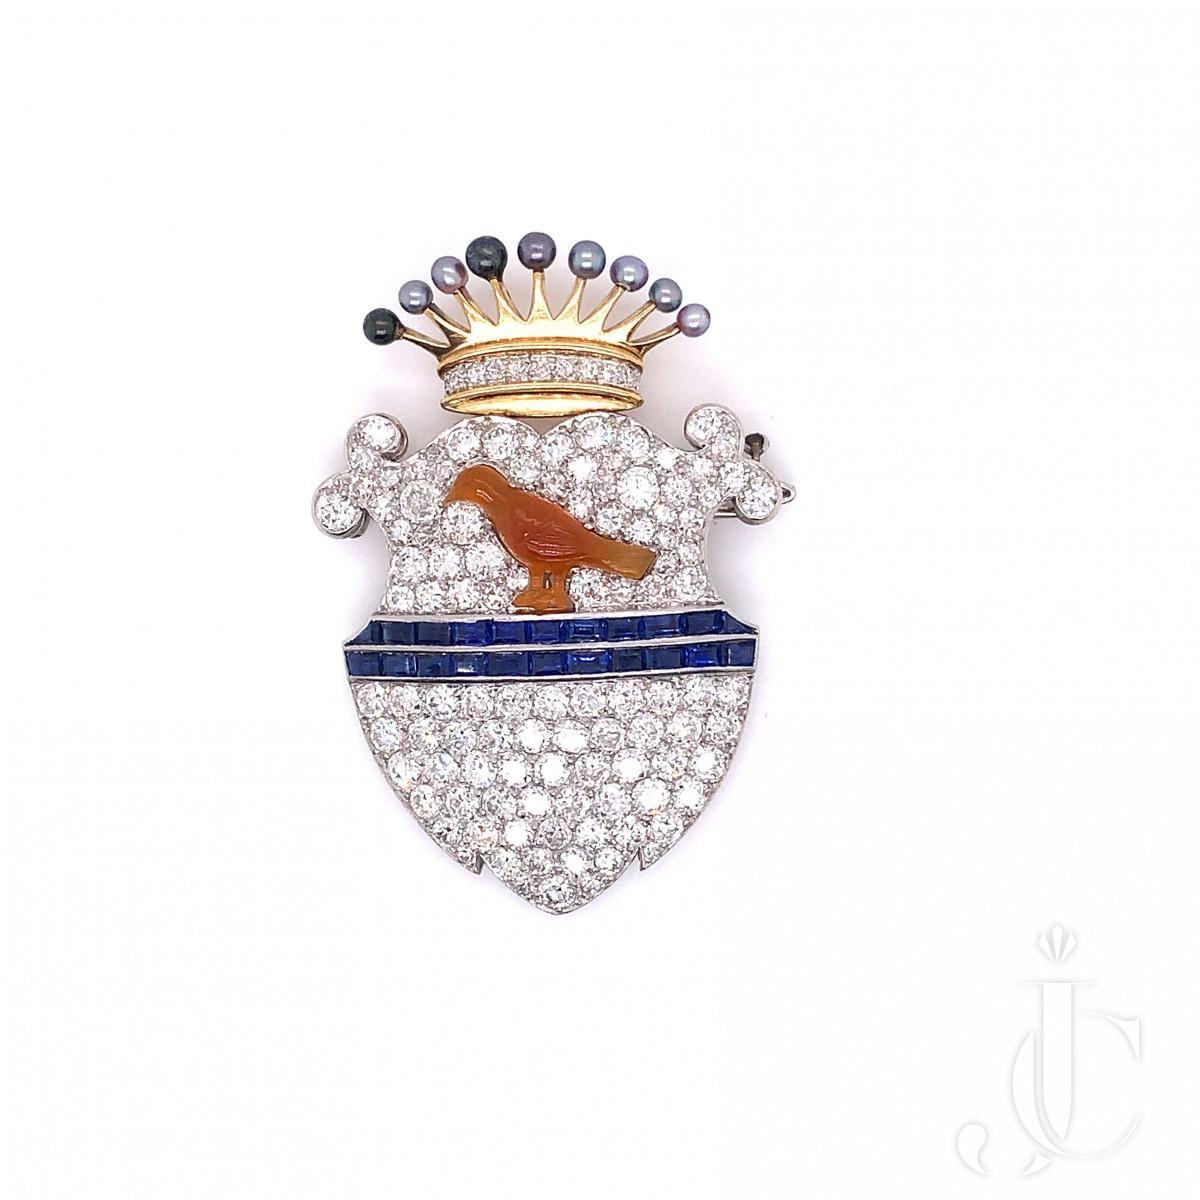 An 18k gold diamond, sapphire bird brooch by Cartier NY 1930s